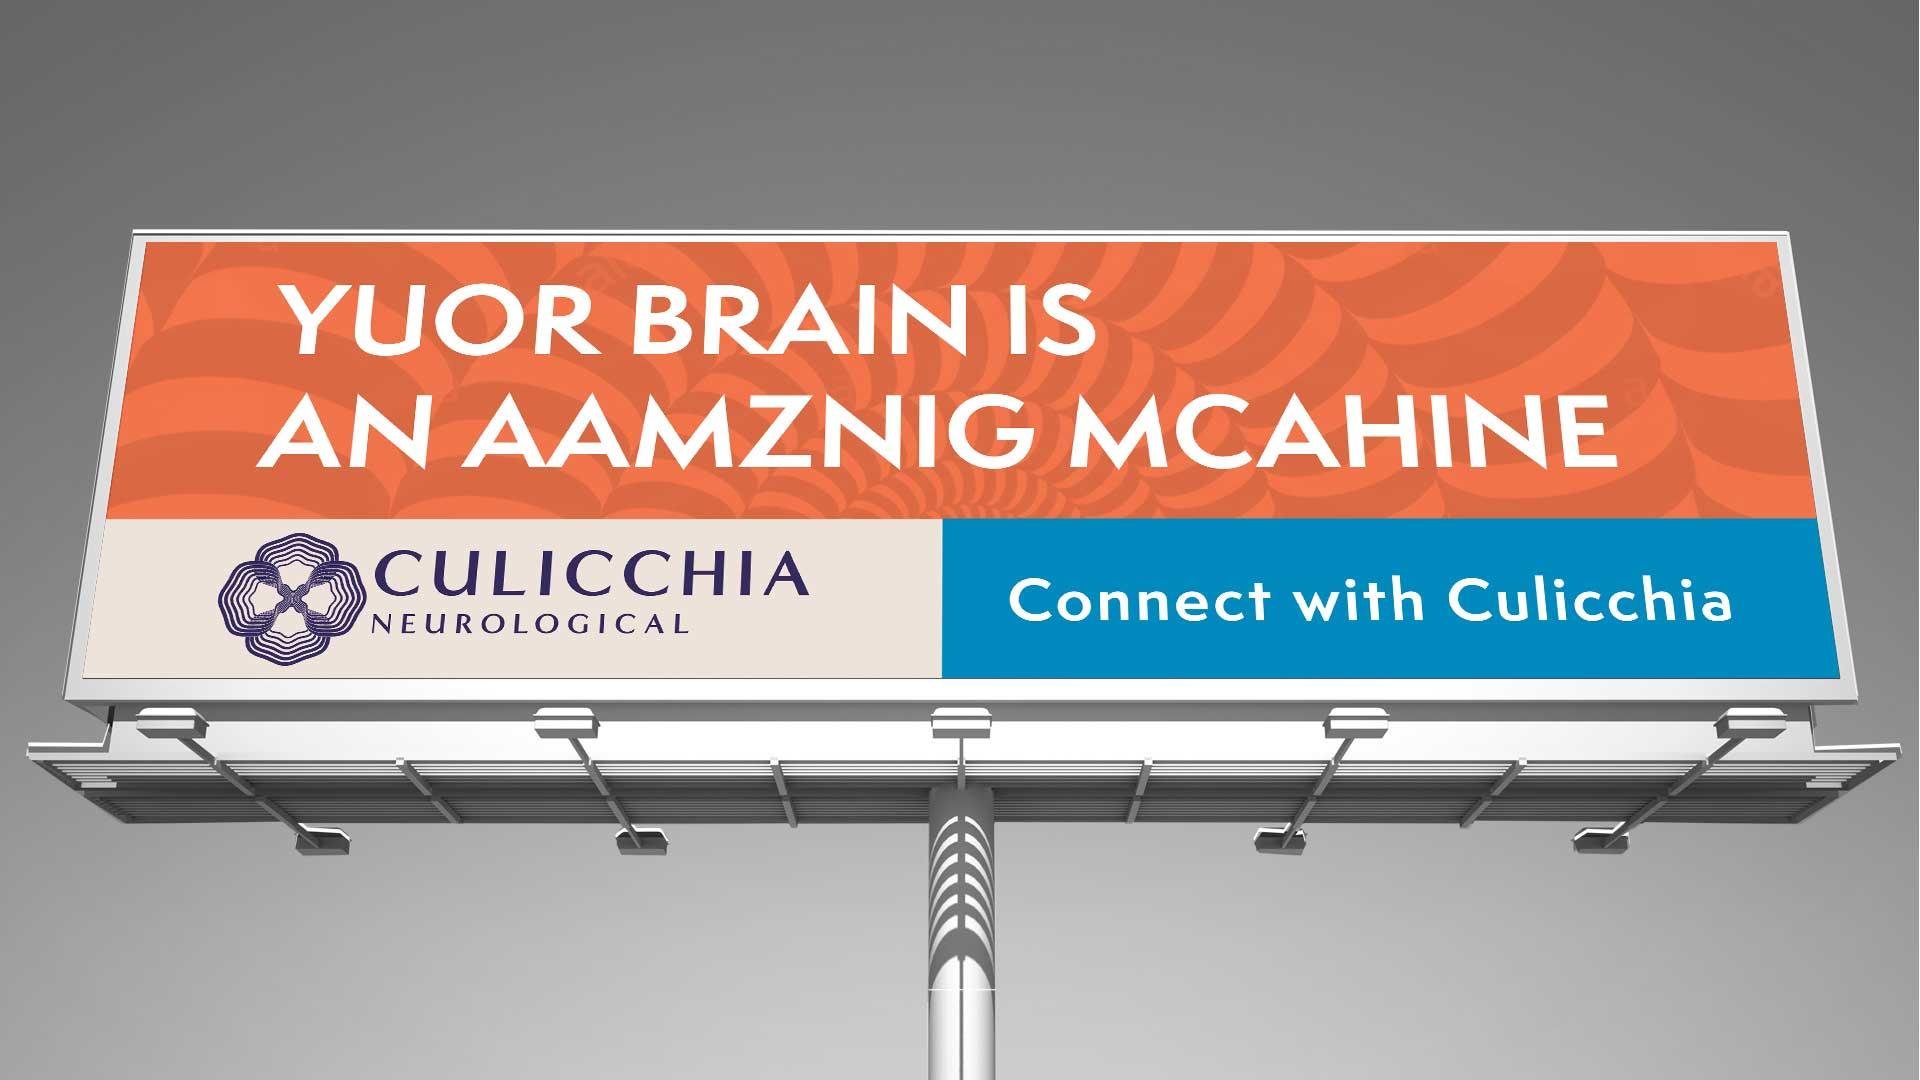 Brand_Society_Culicchia_Neurological_OOH_YUOR